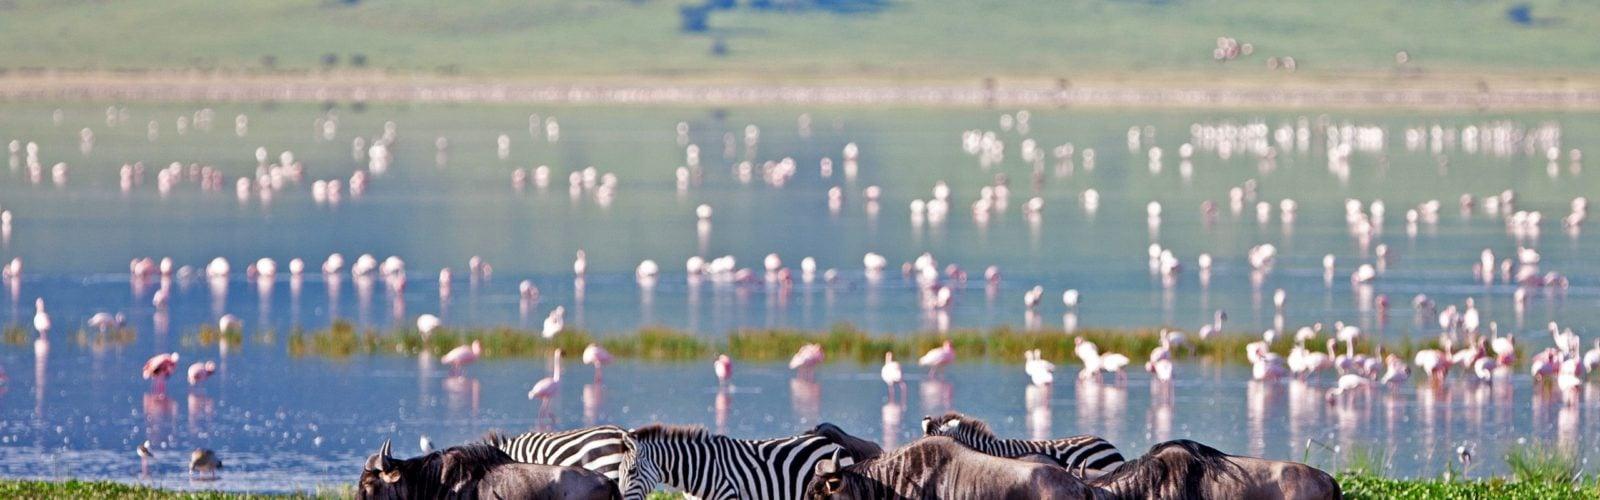 Buffalo and flamingo, Ngorogoro, Tanzania